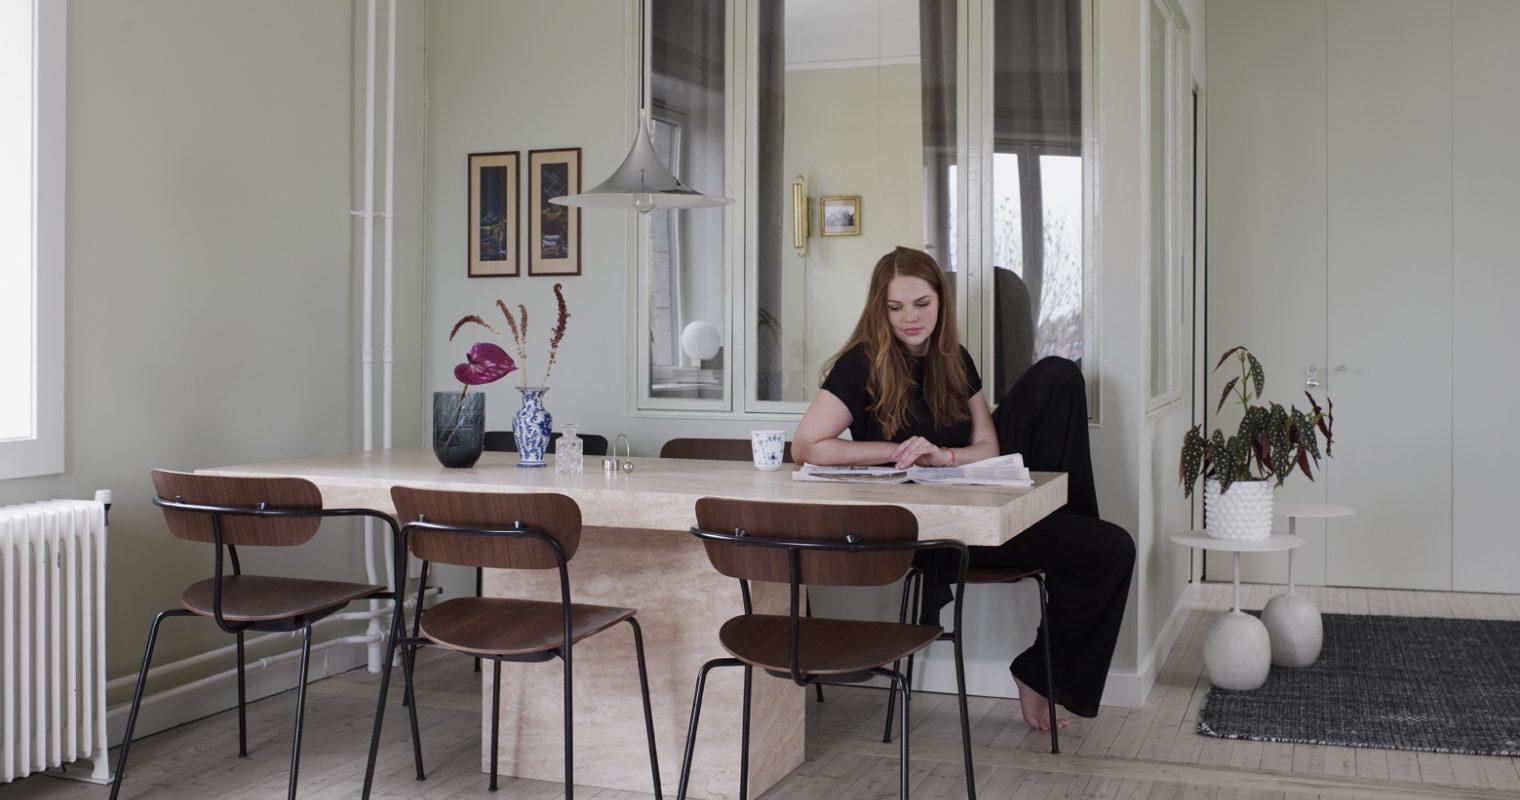 Topp OsloDeco-Miriams beste tips til å bo bra på liten plass | OsloDeco SW-43